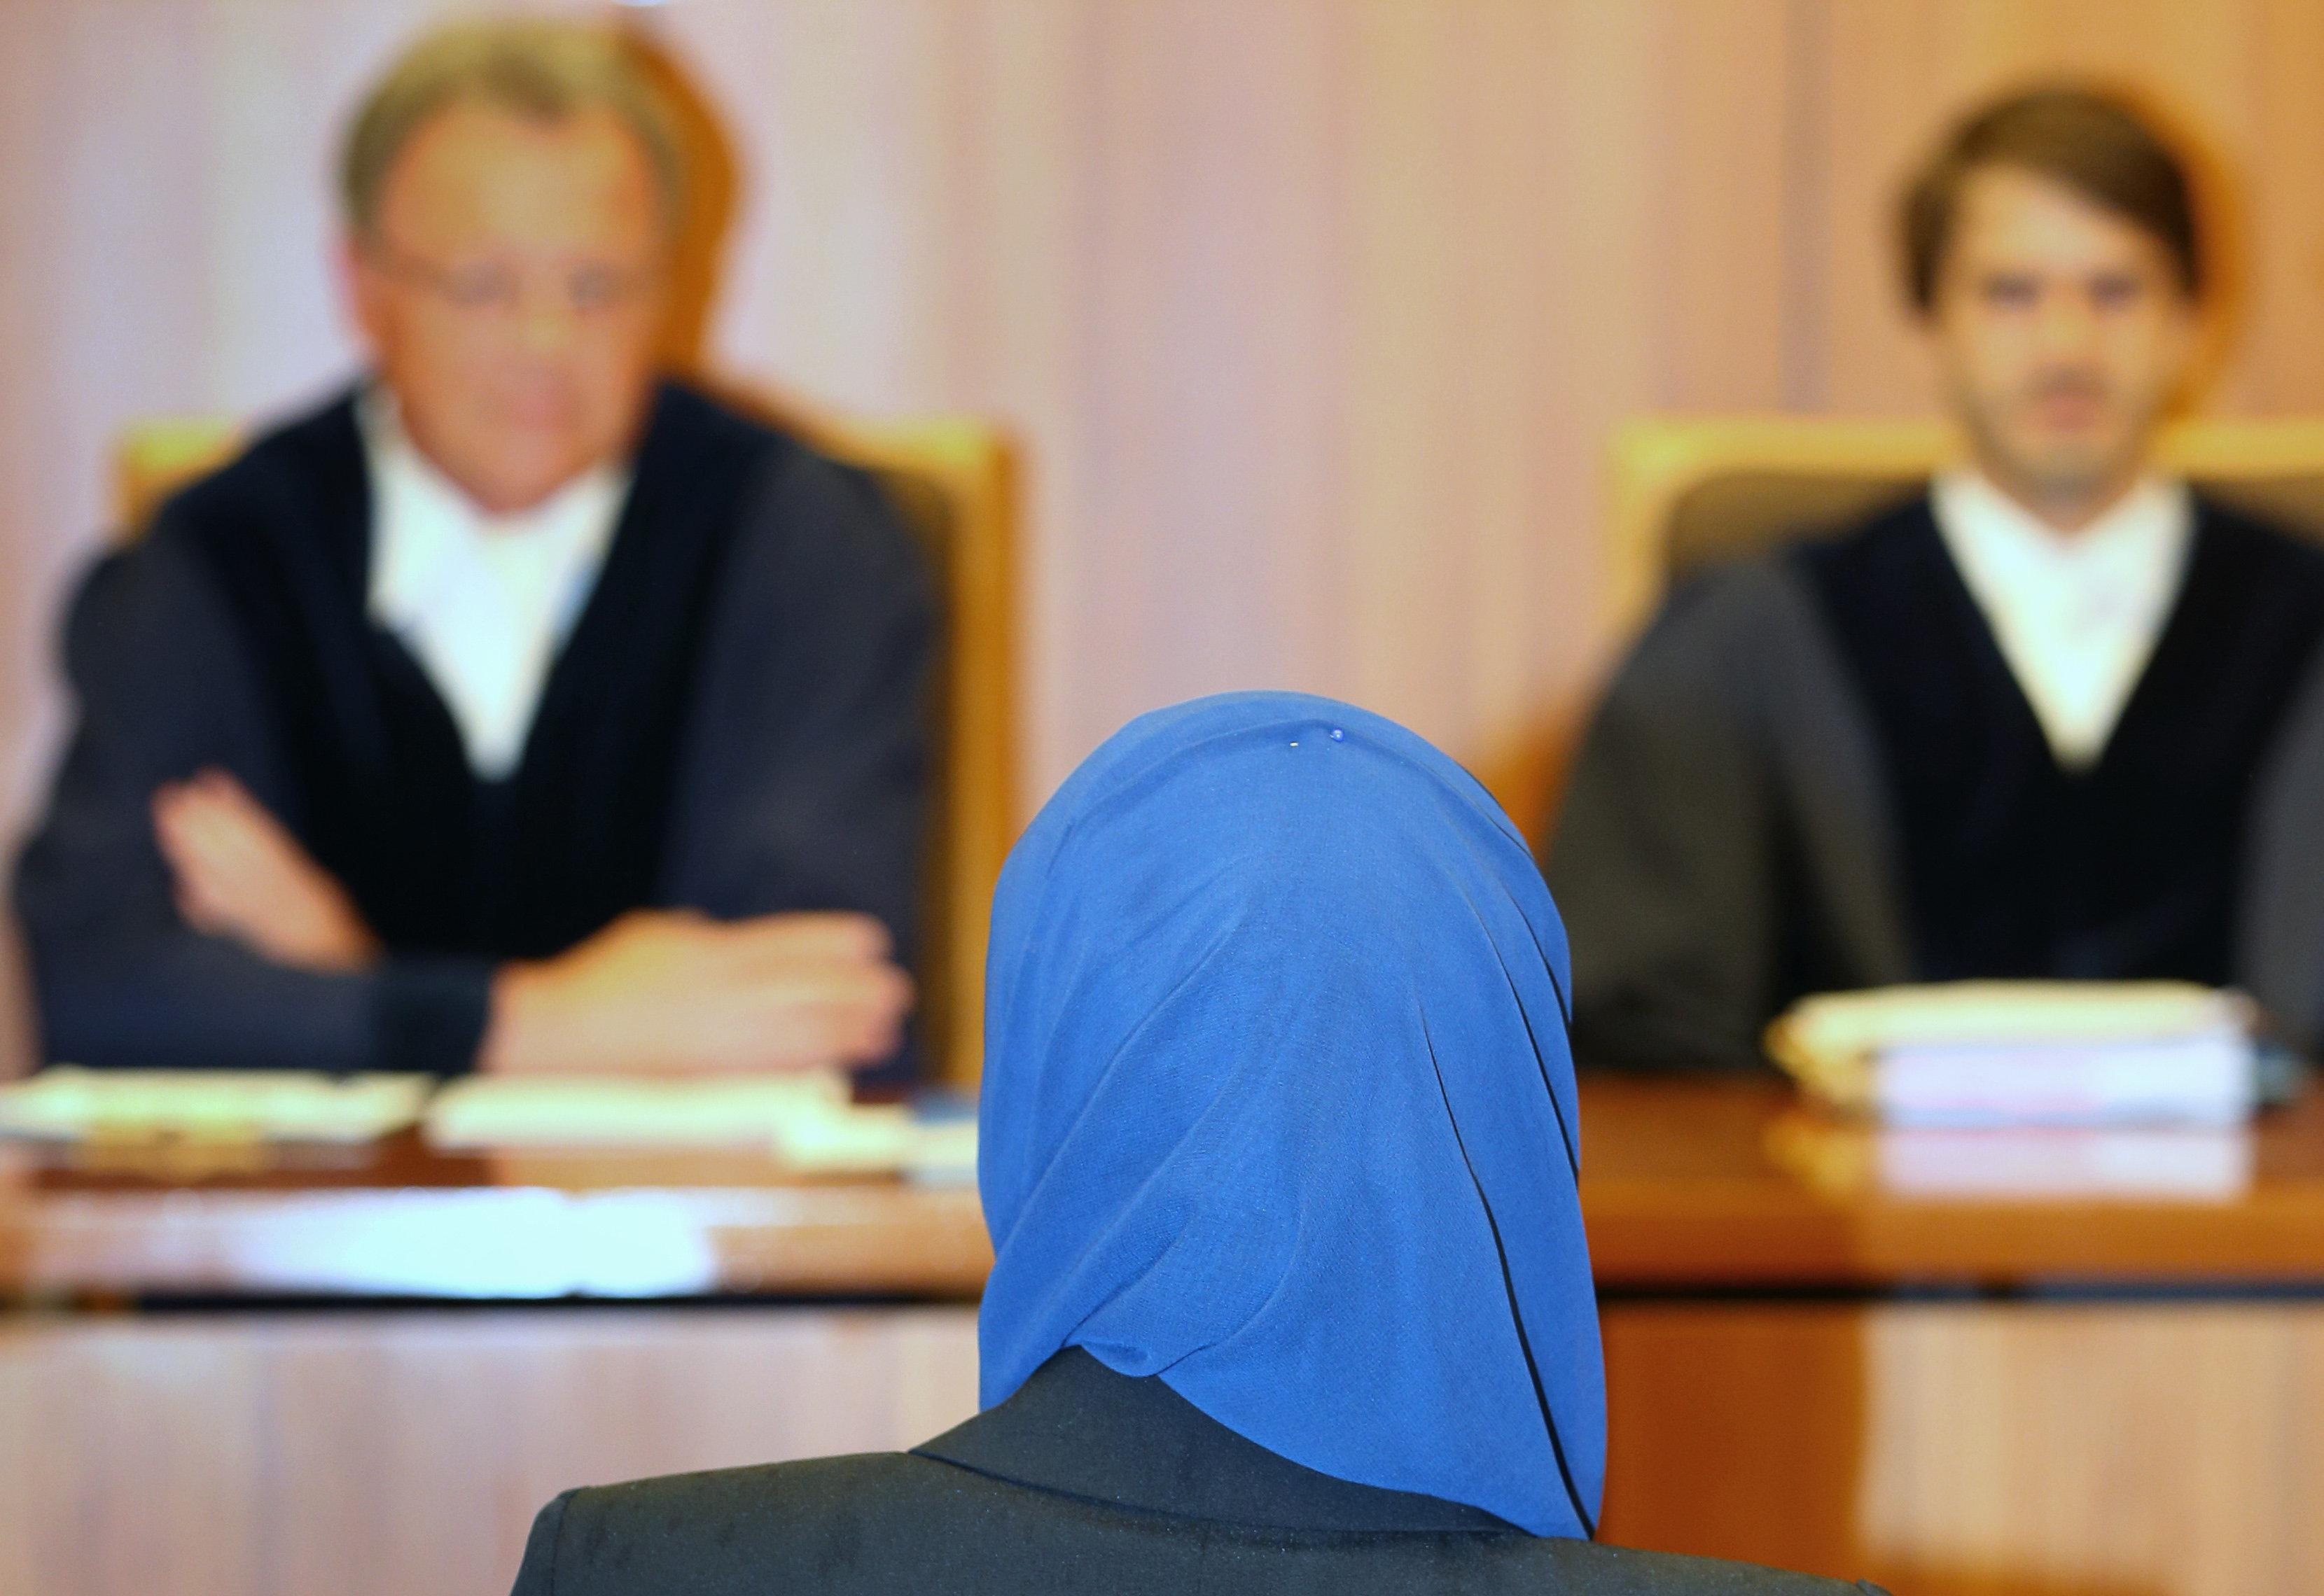 Gericht entscheidet: Rechtsreferendare dürfen in Bayern kein Kopftuch tragen